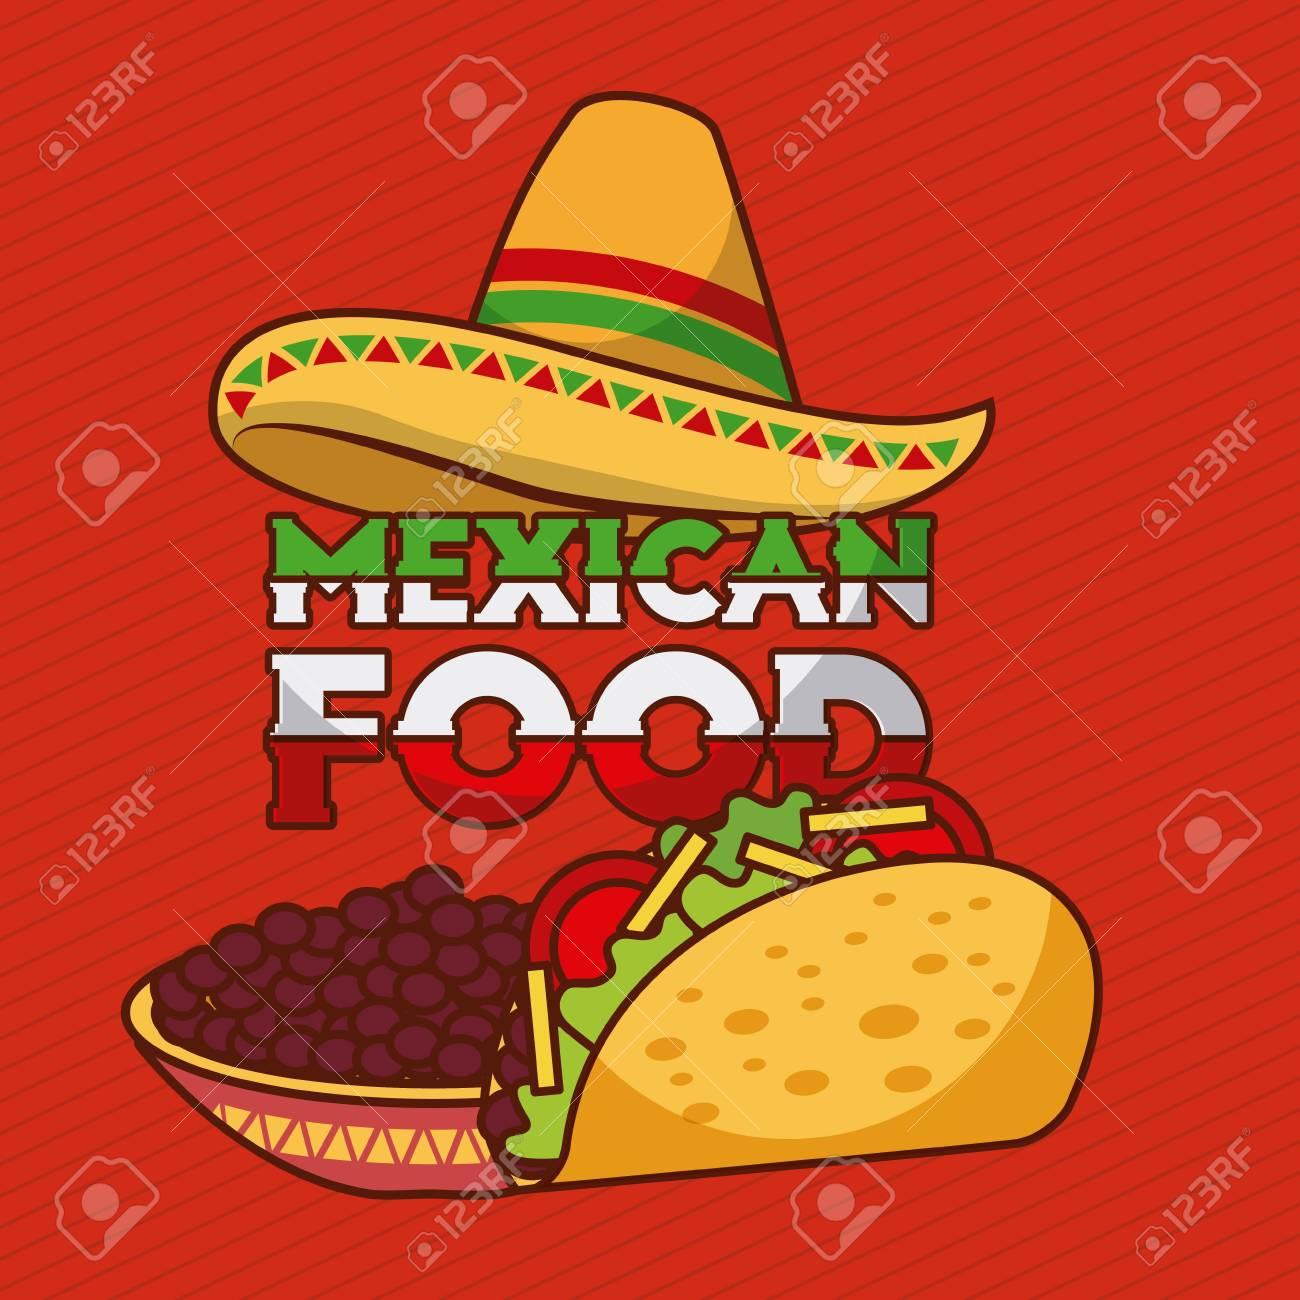 41e2e3ff4001c Foto de archivo - Tacos de comida mexicana y frijoles en un tazón con  ilustración de vector de decoración de sombrero